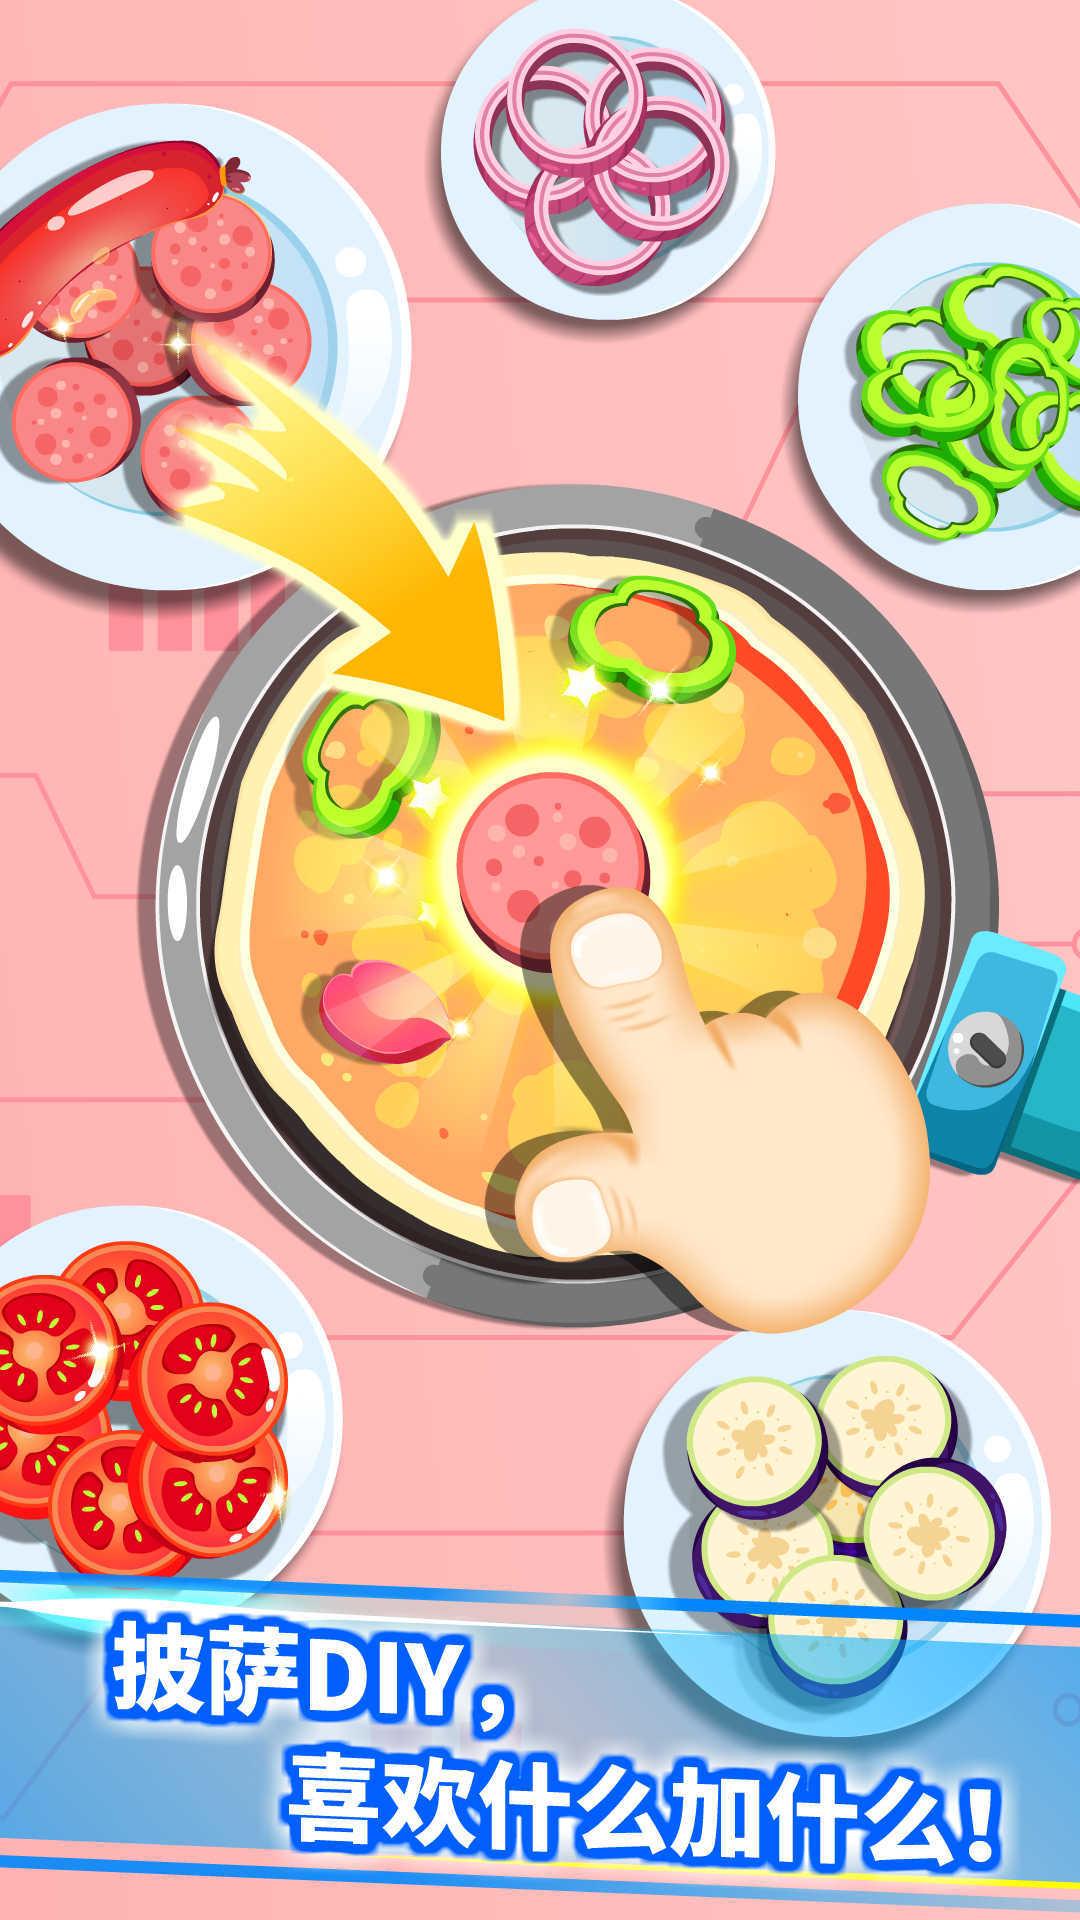 宝宝星际厨房截图3